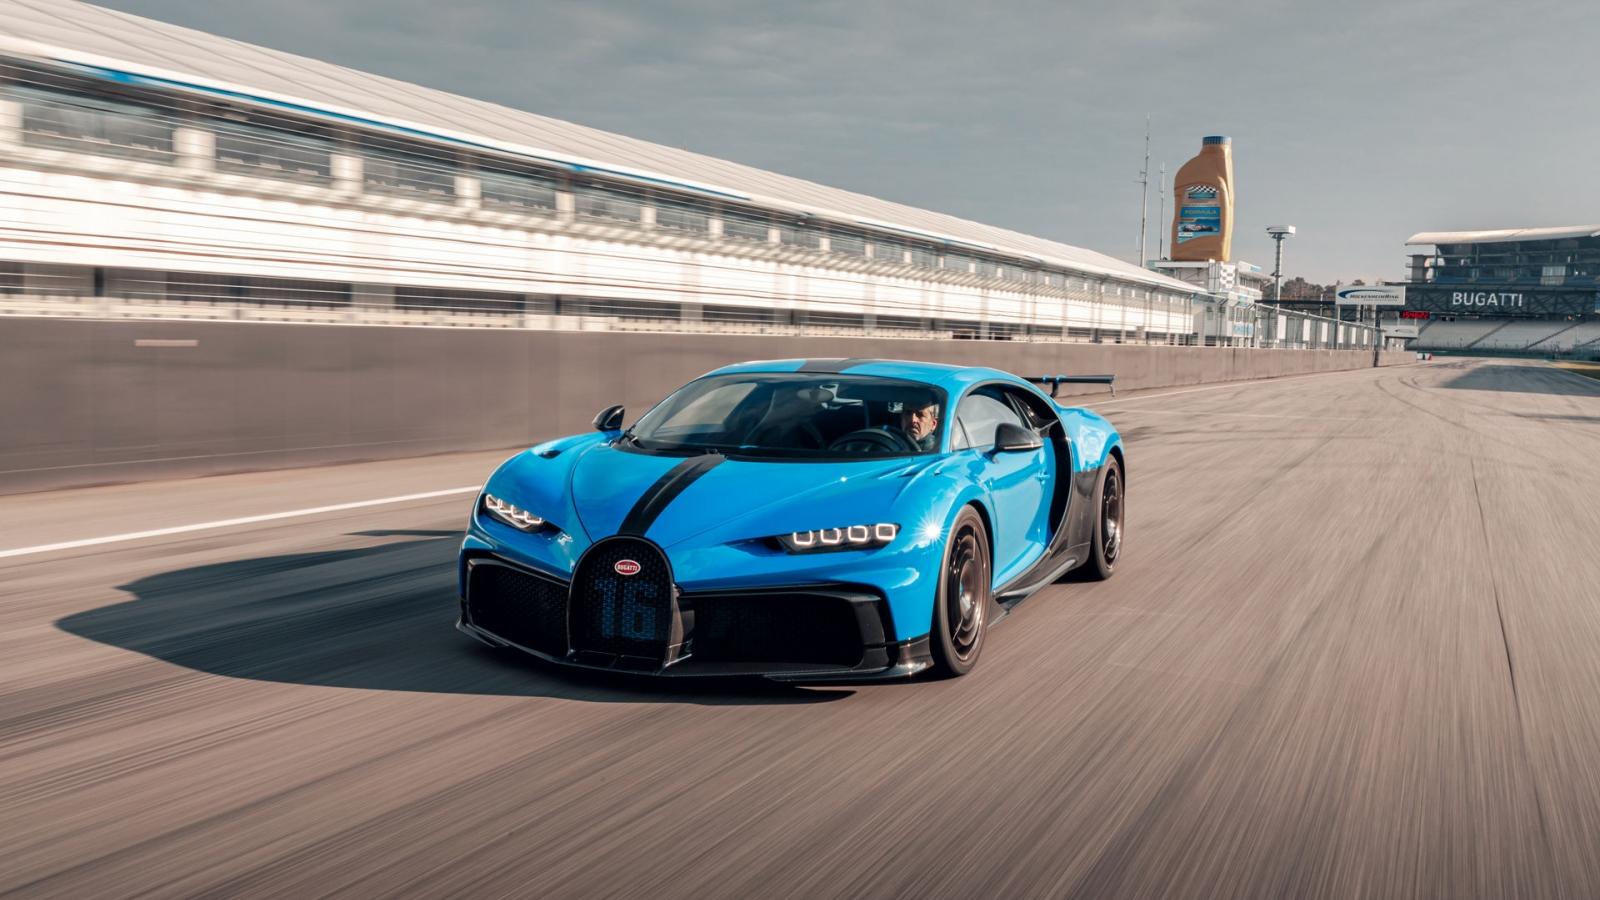 Ngỡ ngàng trước số tiền phải bỏ ra để sở hữu Bugatti Chiron